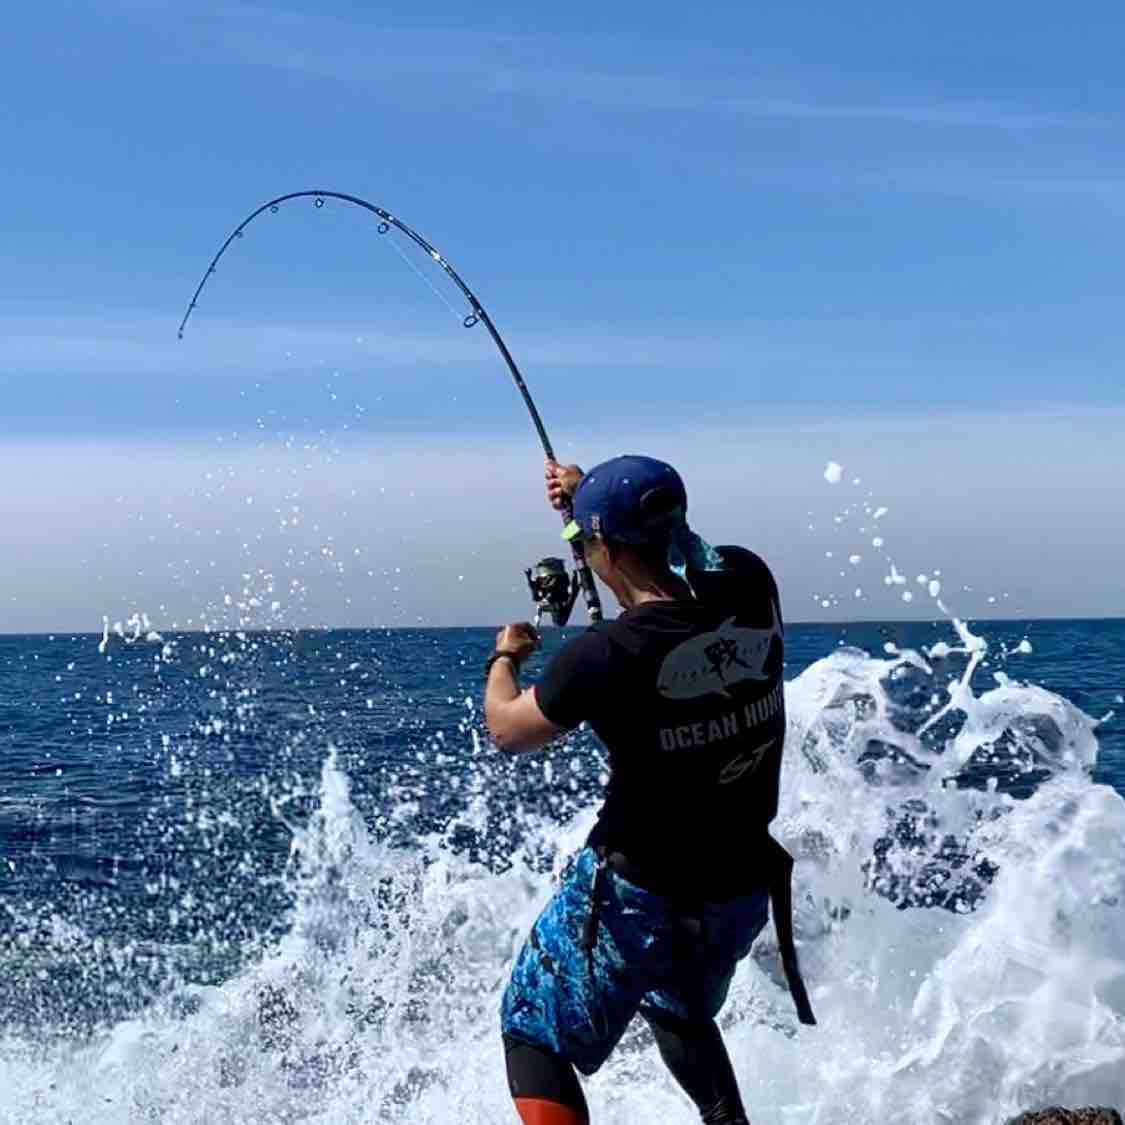 SHIMANOfishing